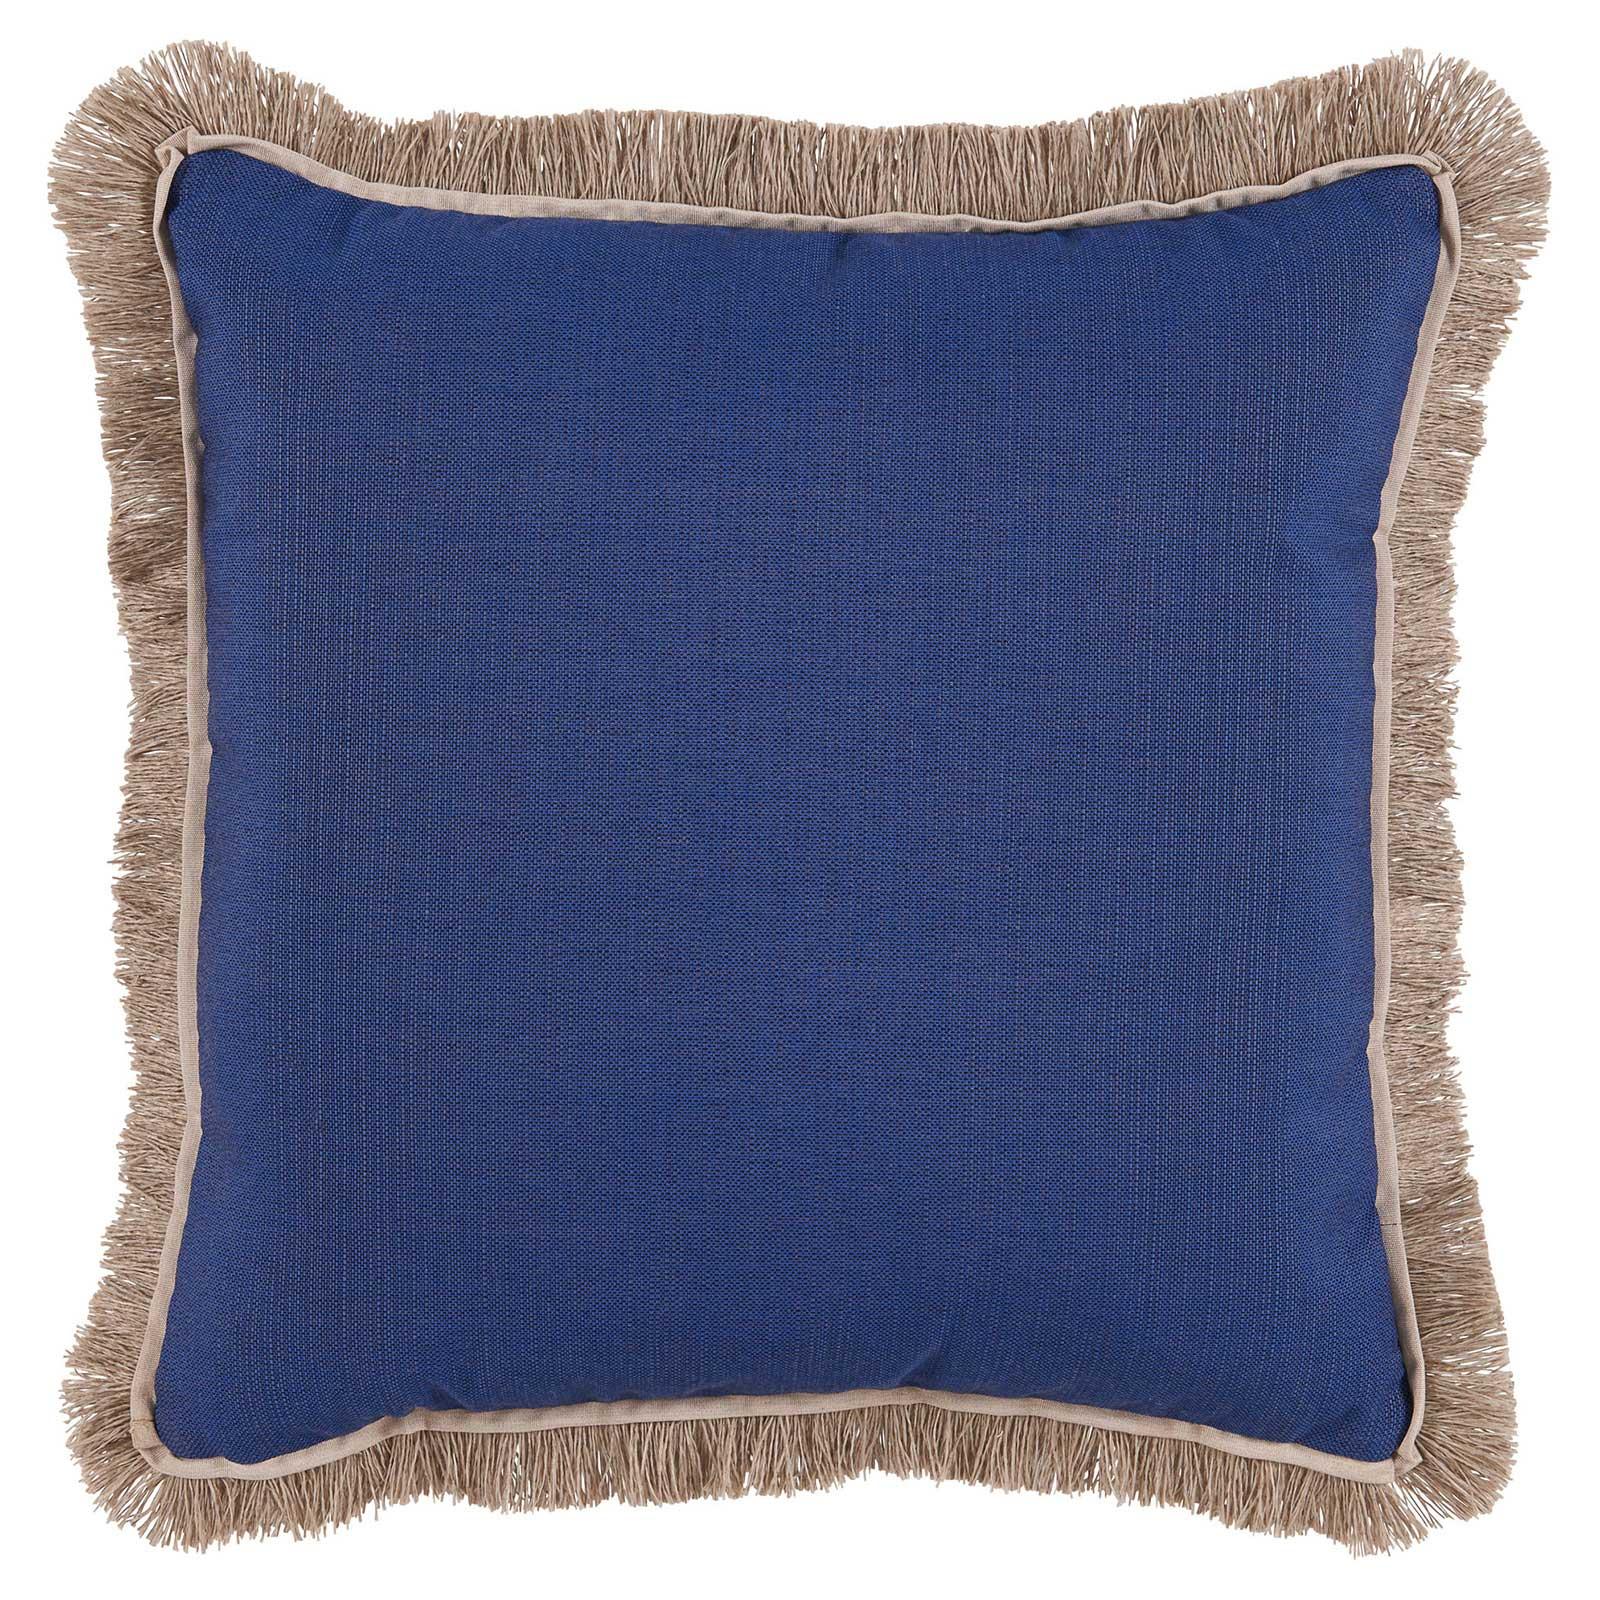 Talli Regency Fringe Cobalt Blue Outdoor Pillow - 20x20